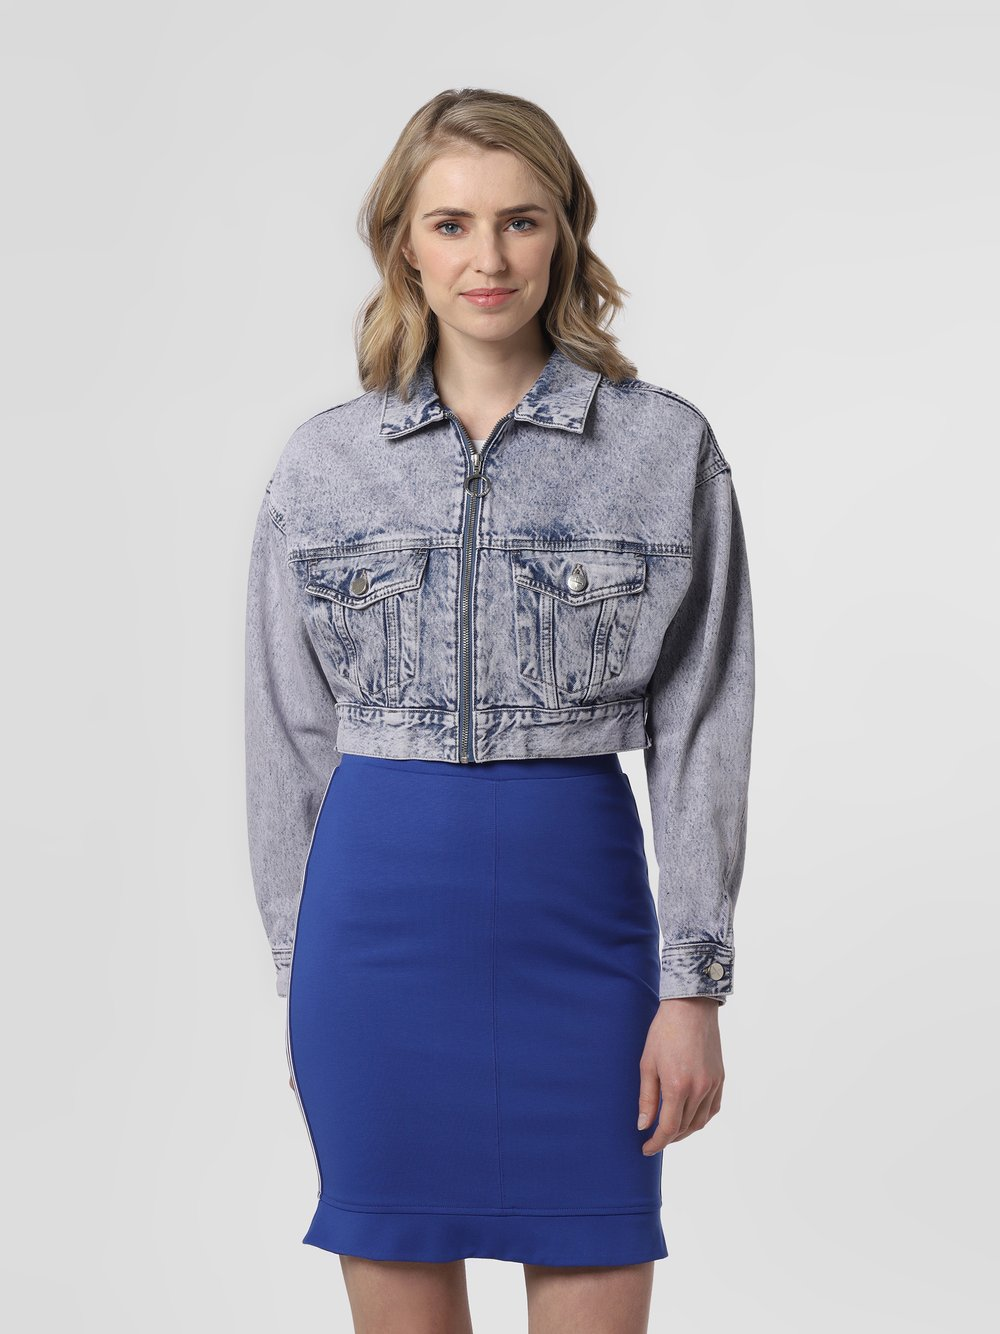 Pepe Jeans - Damska kurtka jeansowa – Rogue Acid, niebieski